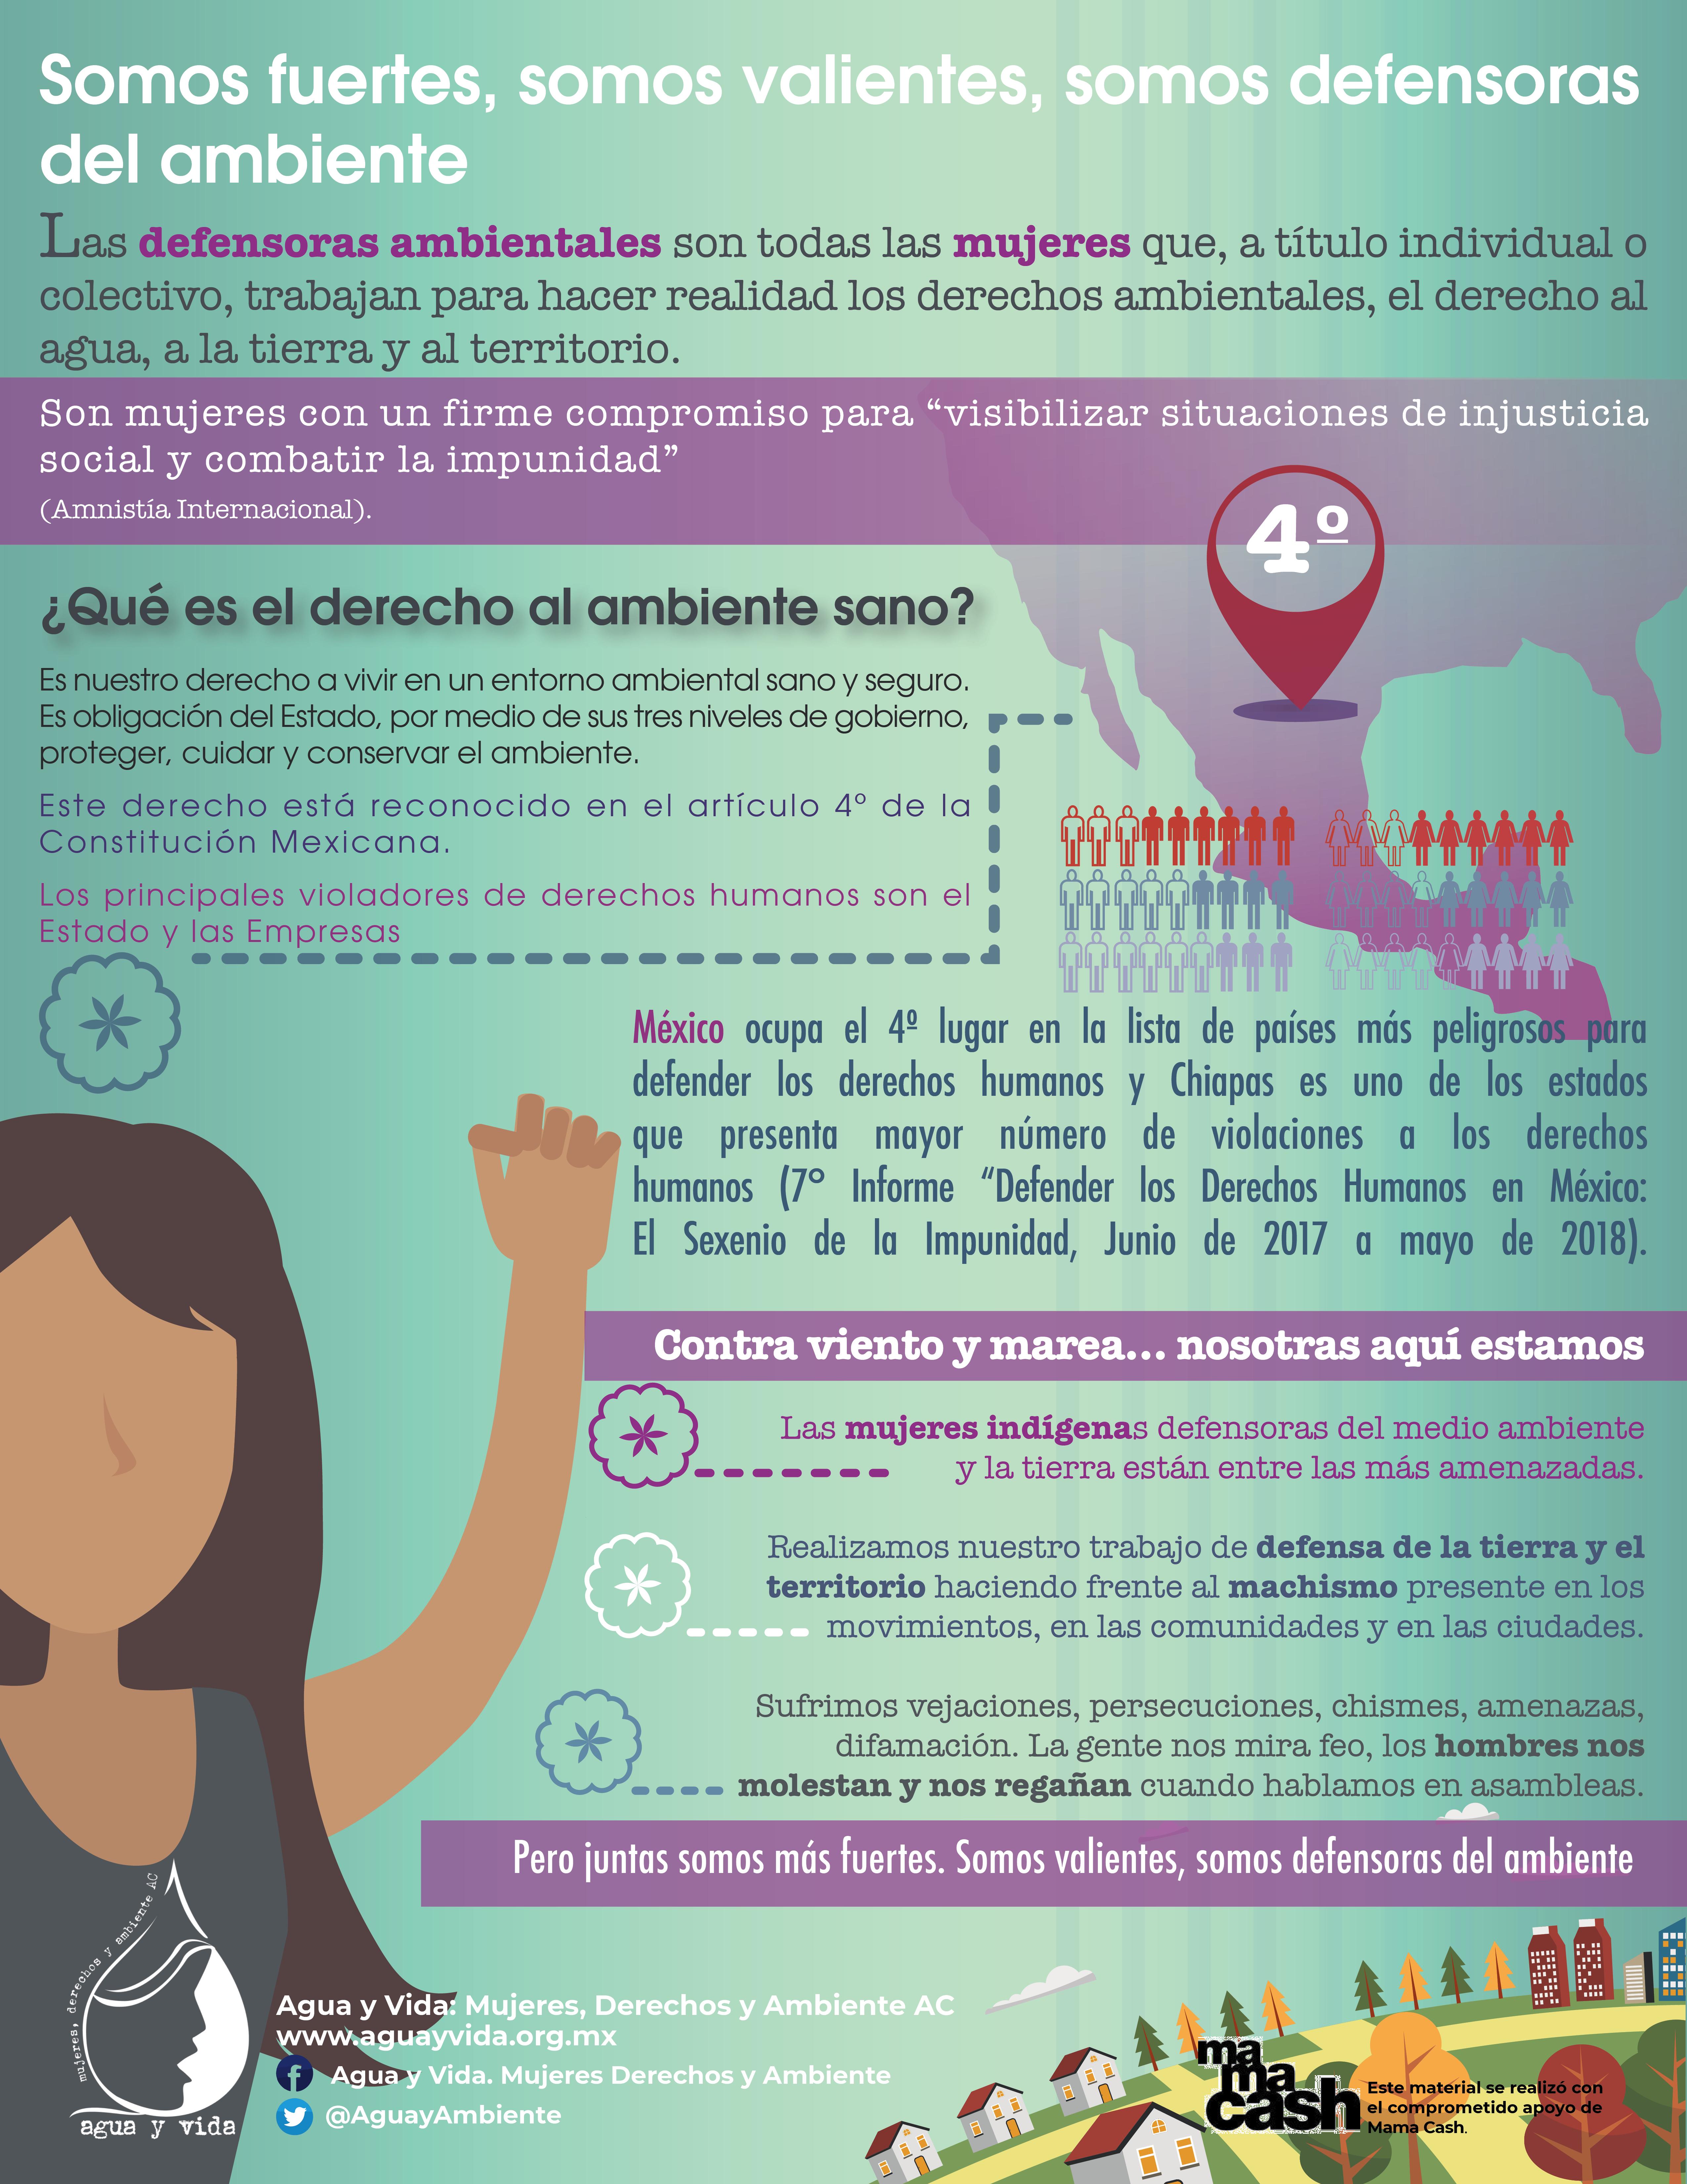 Infografía Somos Defensoras Ambientales